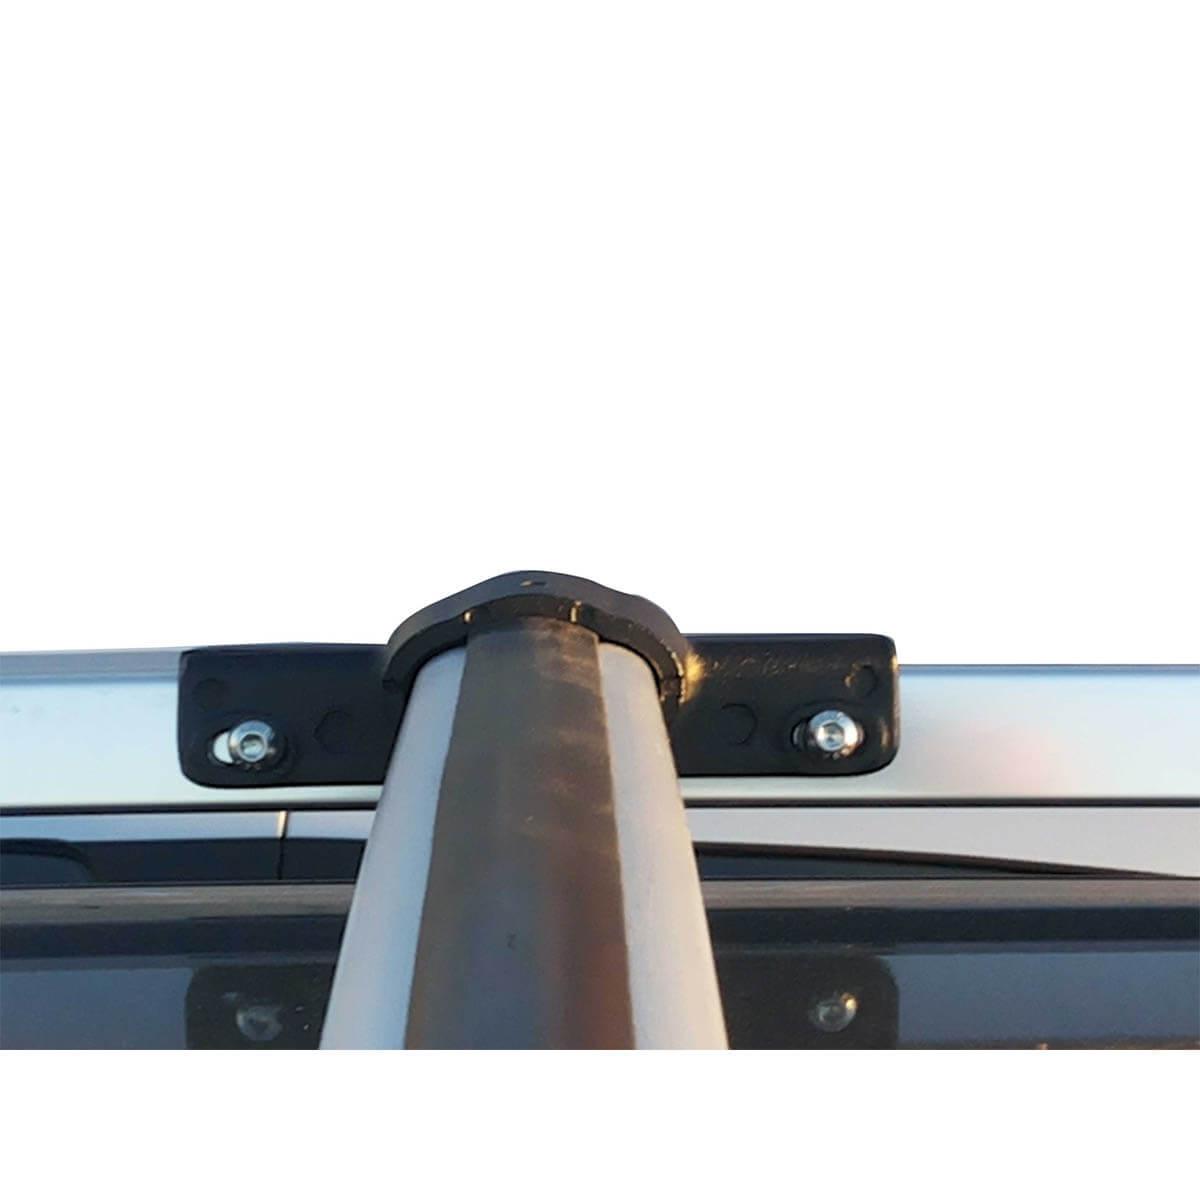 Travessa rack de teto larga anodizada Spin 2013 a 2021 fixação original